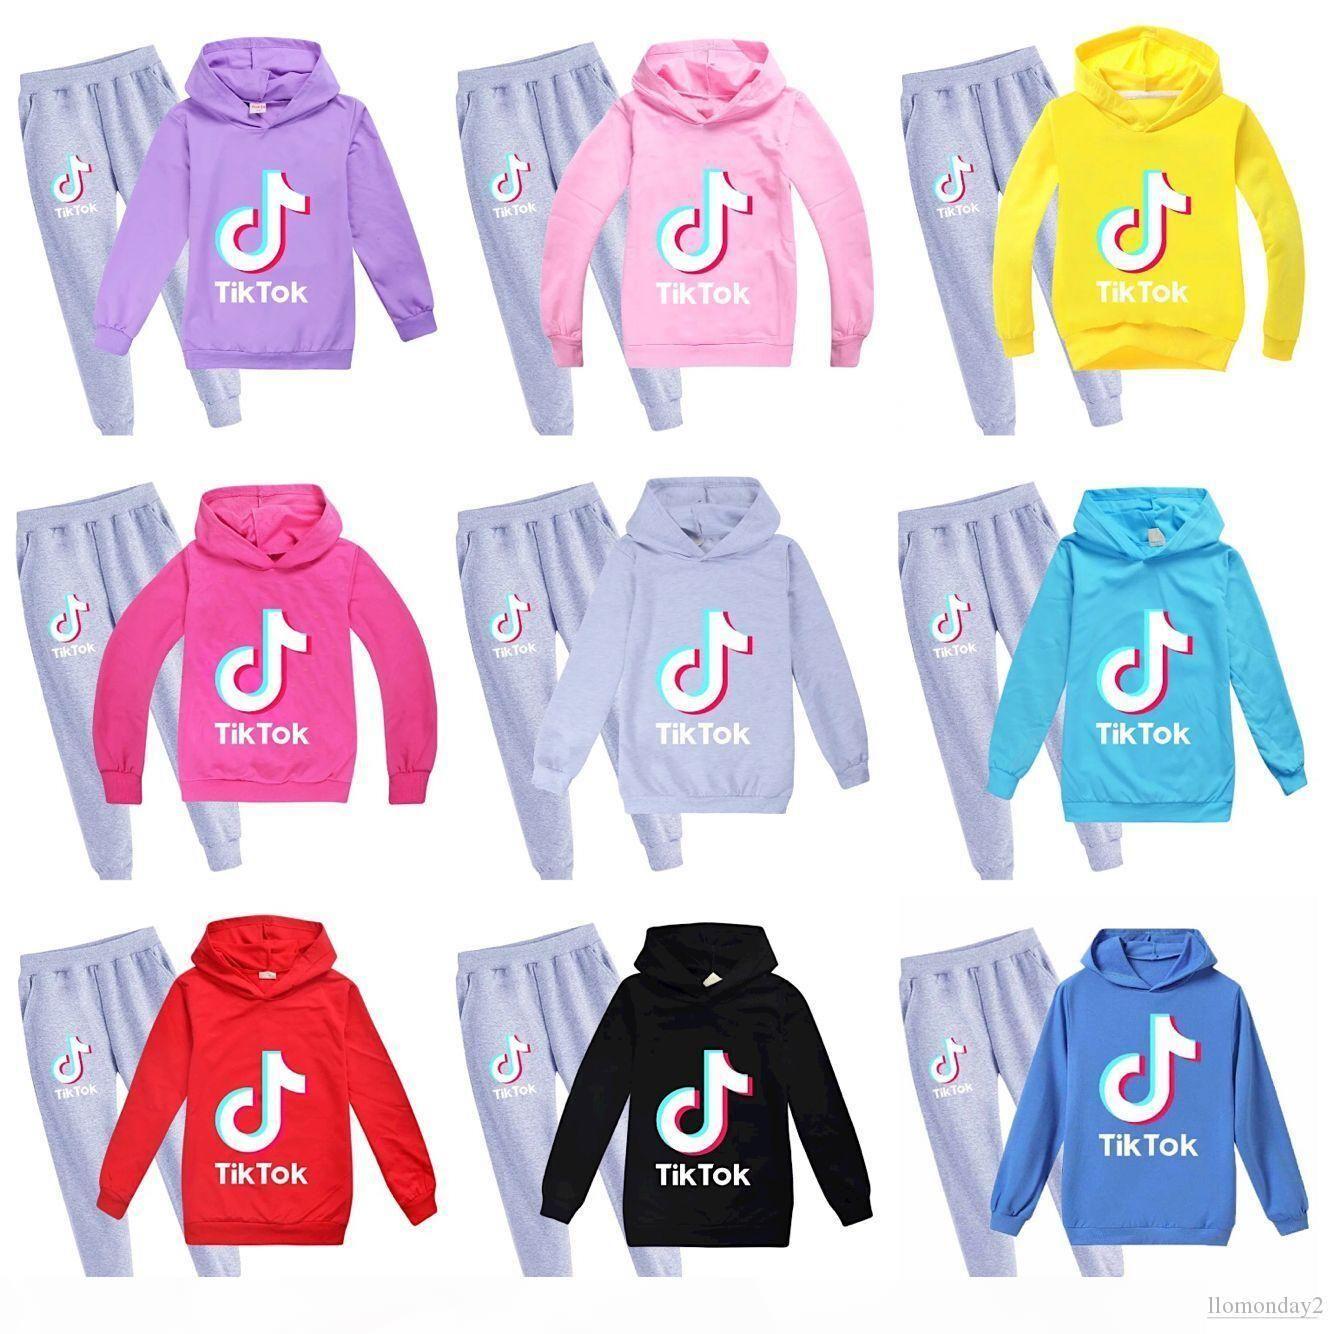 9Color TikTok Kids Set Long Sleeve Hoodie Trousers Cotton Blend Multicolor Optional Kids Clothes Kids Sweatshirt Boy Girl Clothing 2PCS set